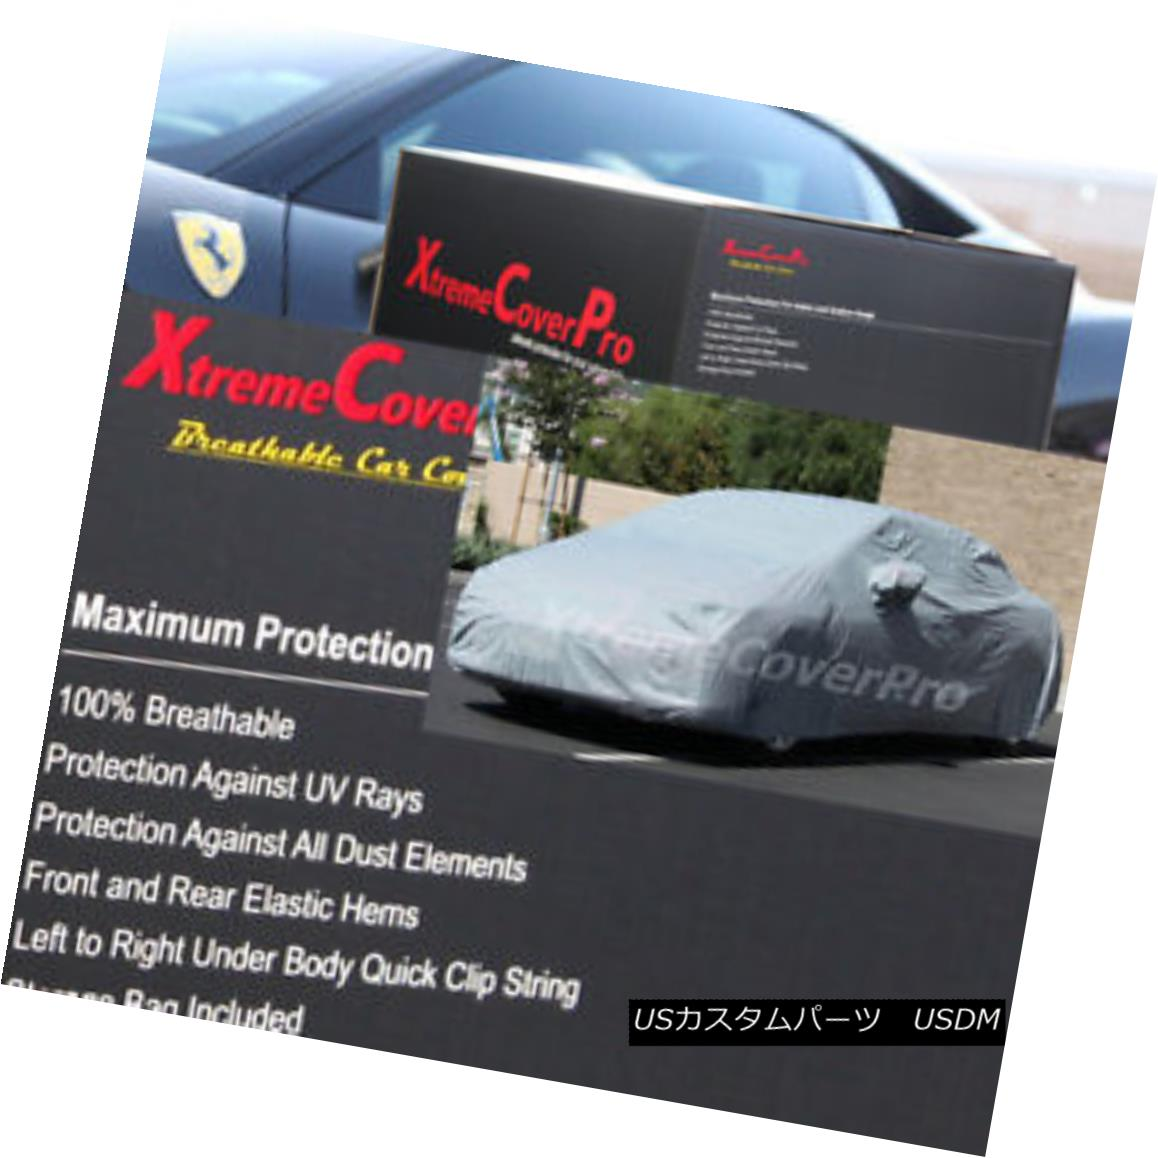 カーカバー Breathable Car Cover w/ Mirror Pocket FOR 2014 NISSAN ALTIMA COUPE ミラーポケット付き通気性車カバー(2014年日産アルティマカップ)